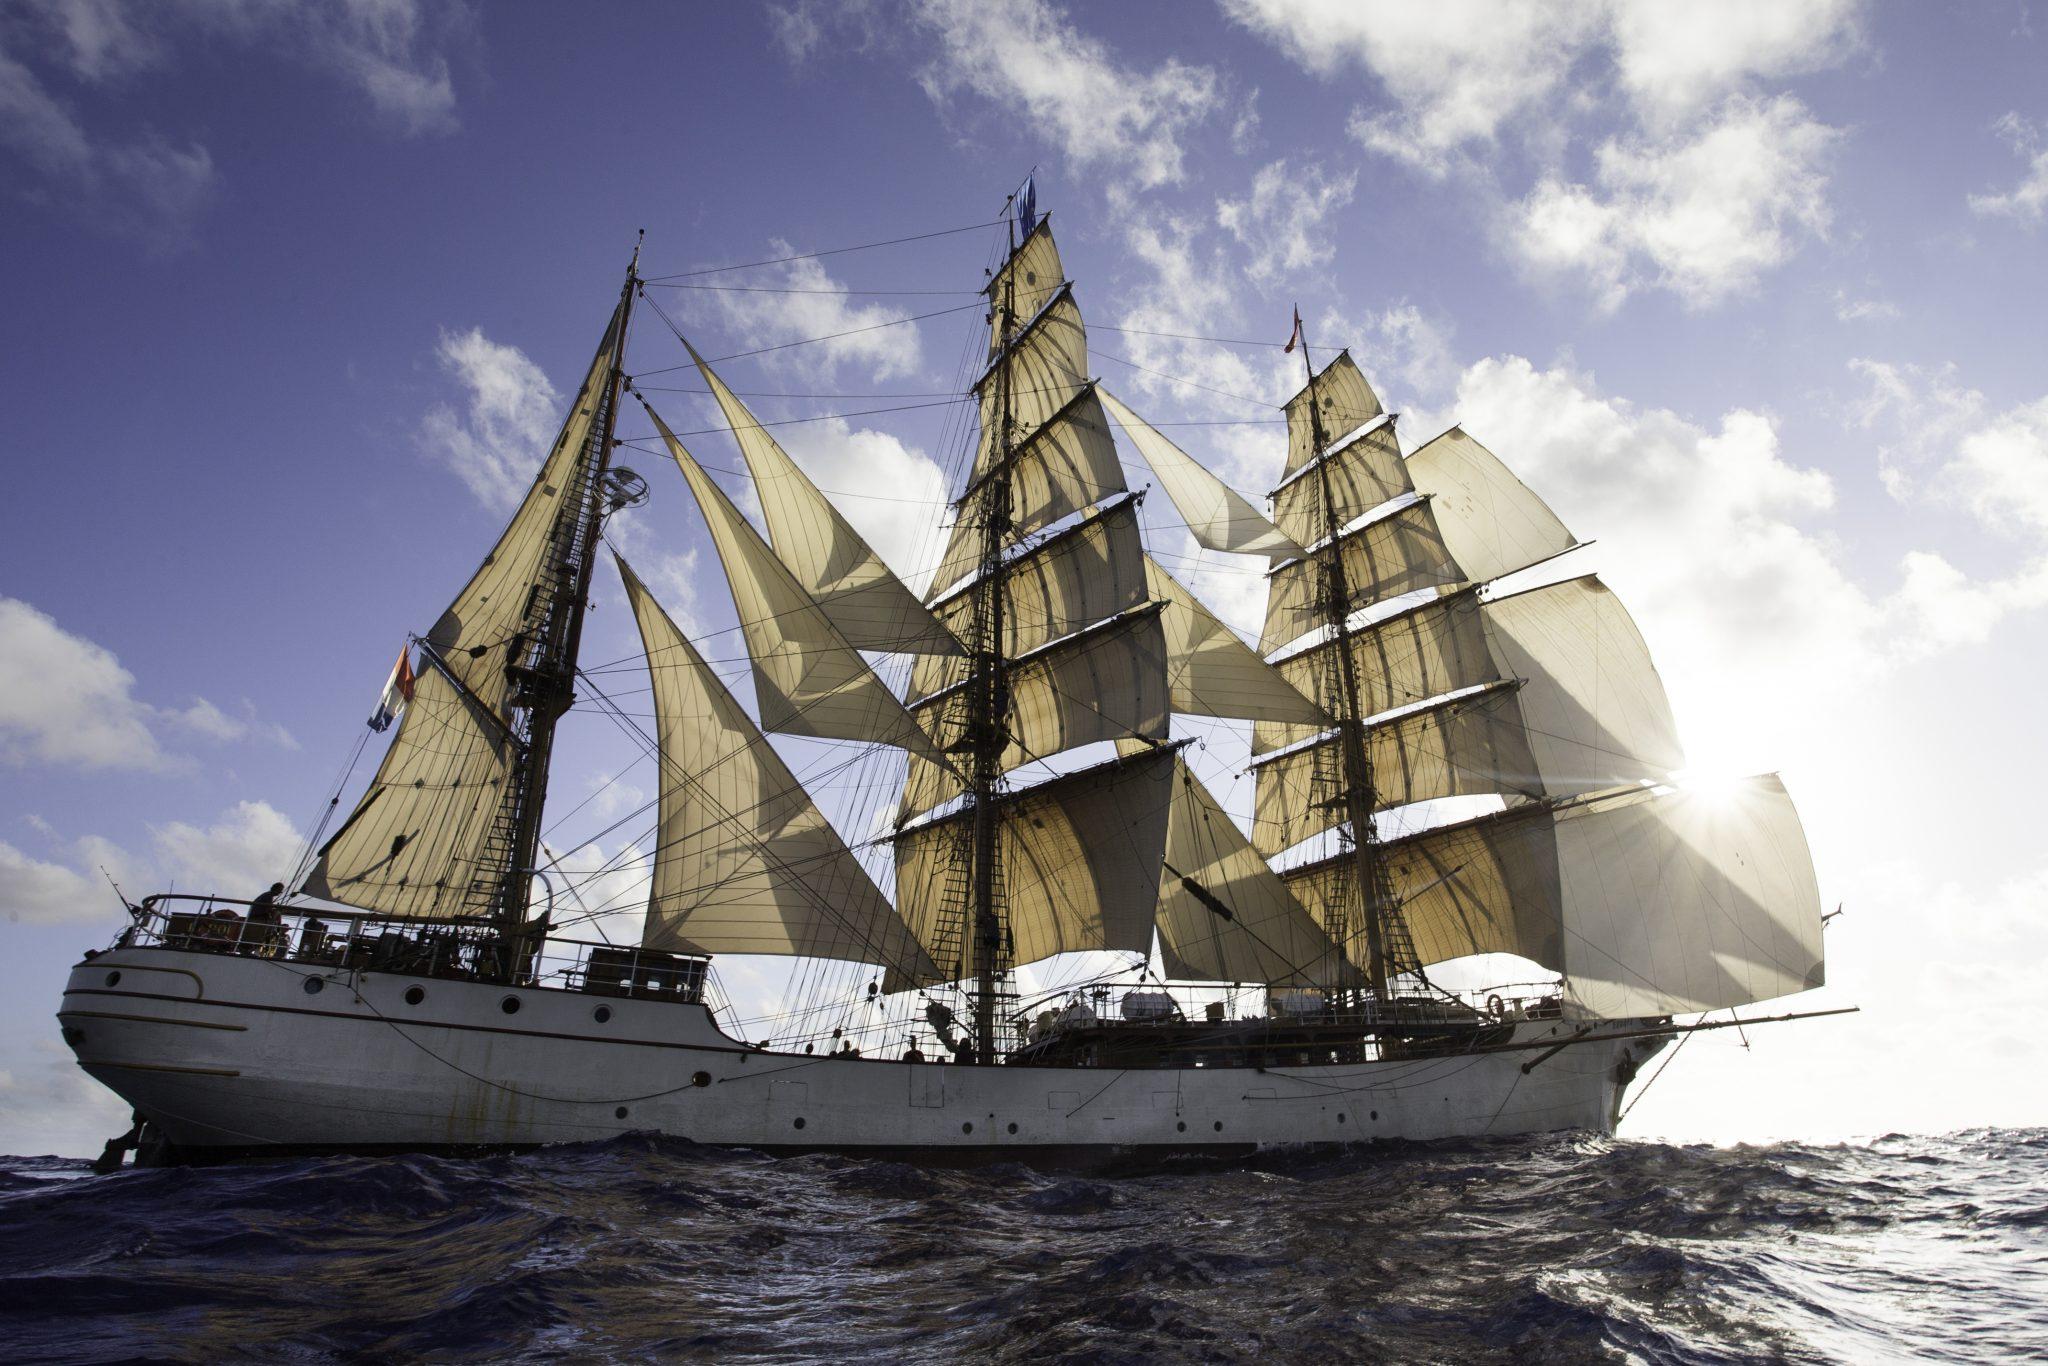 Haagse Tall Ship bark EUROPA onderweg naar Den Haag